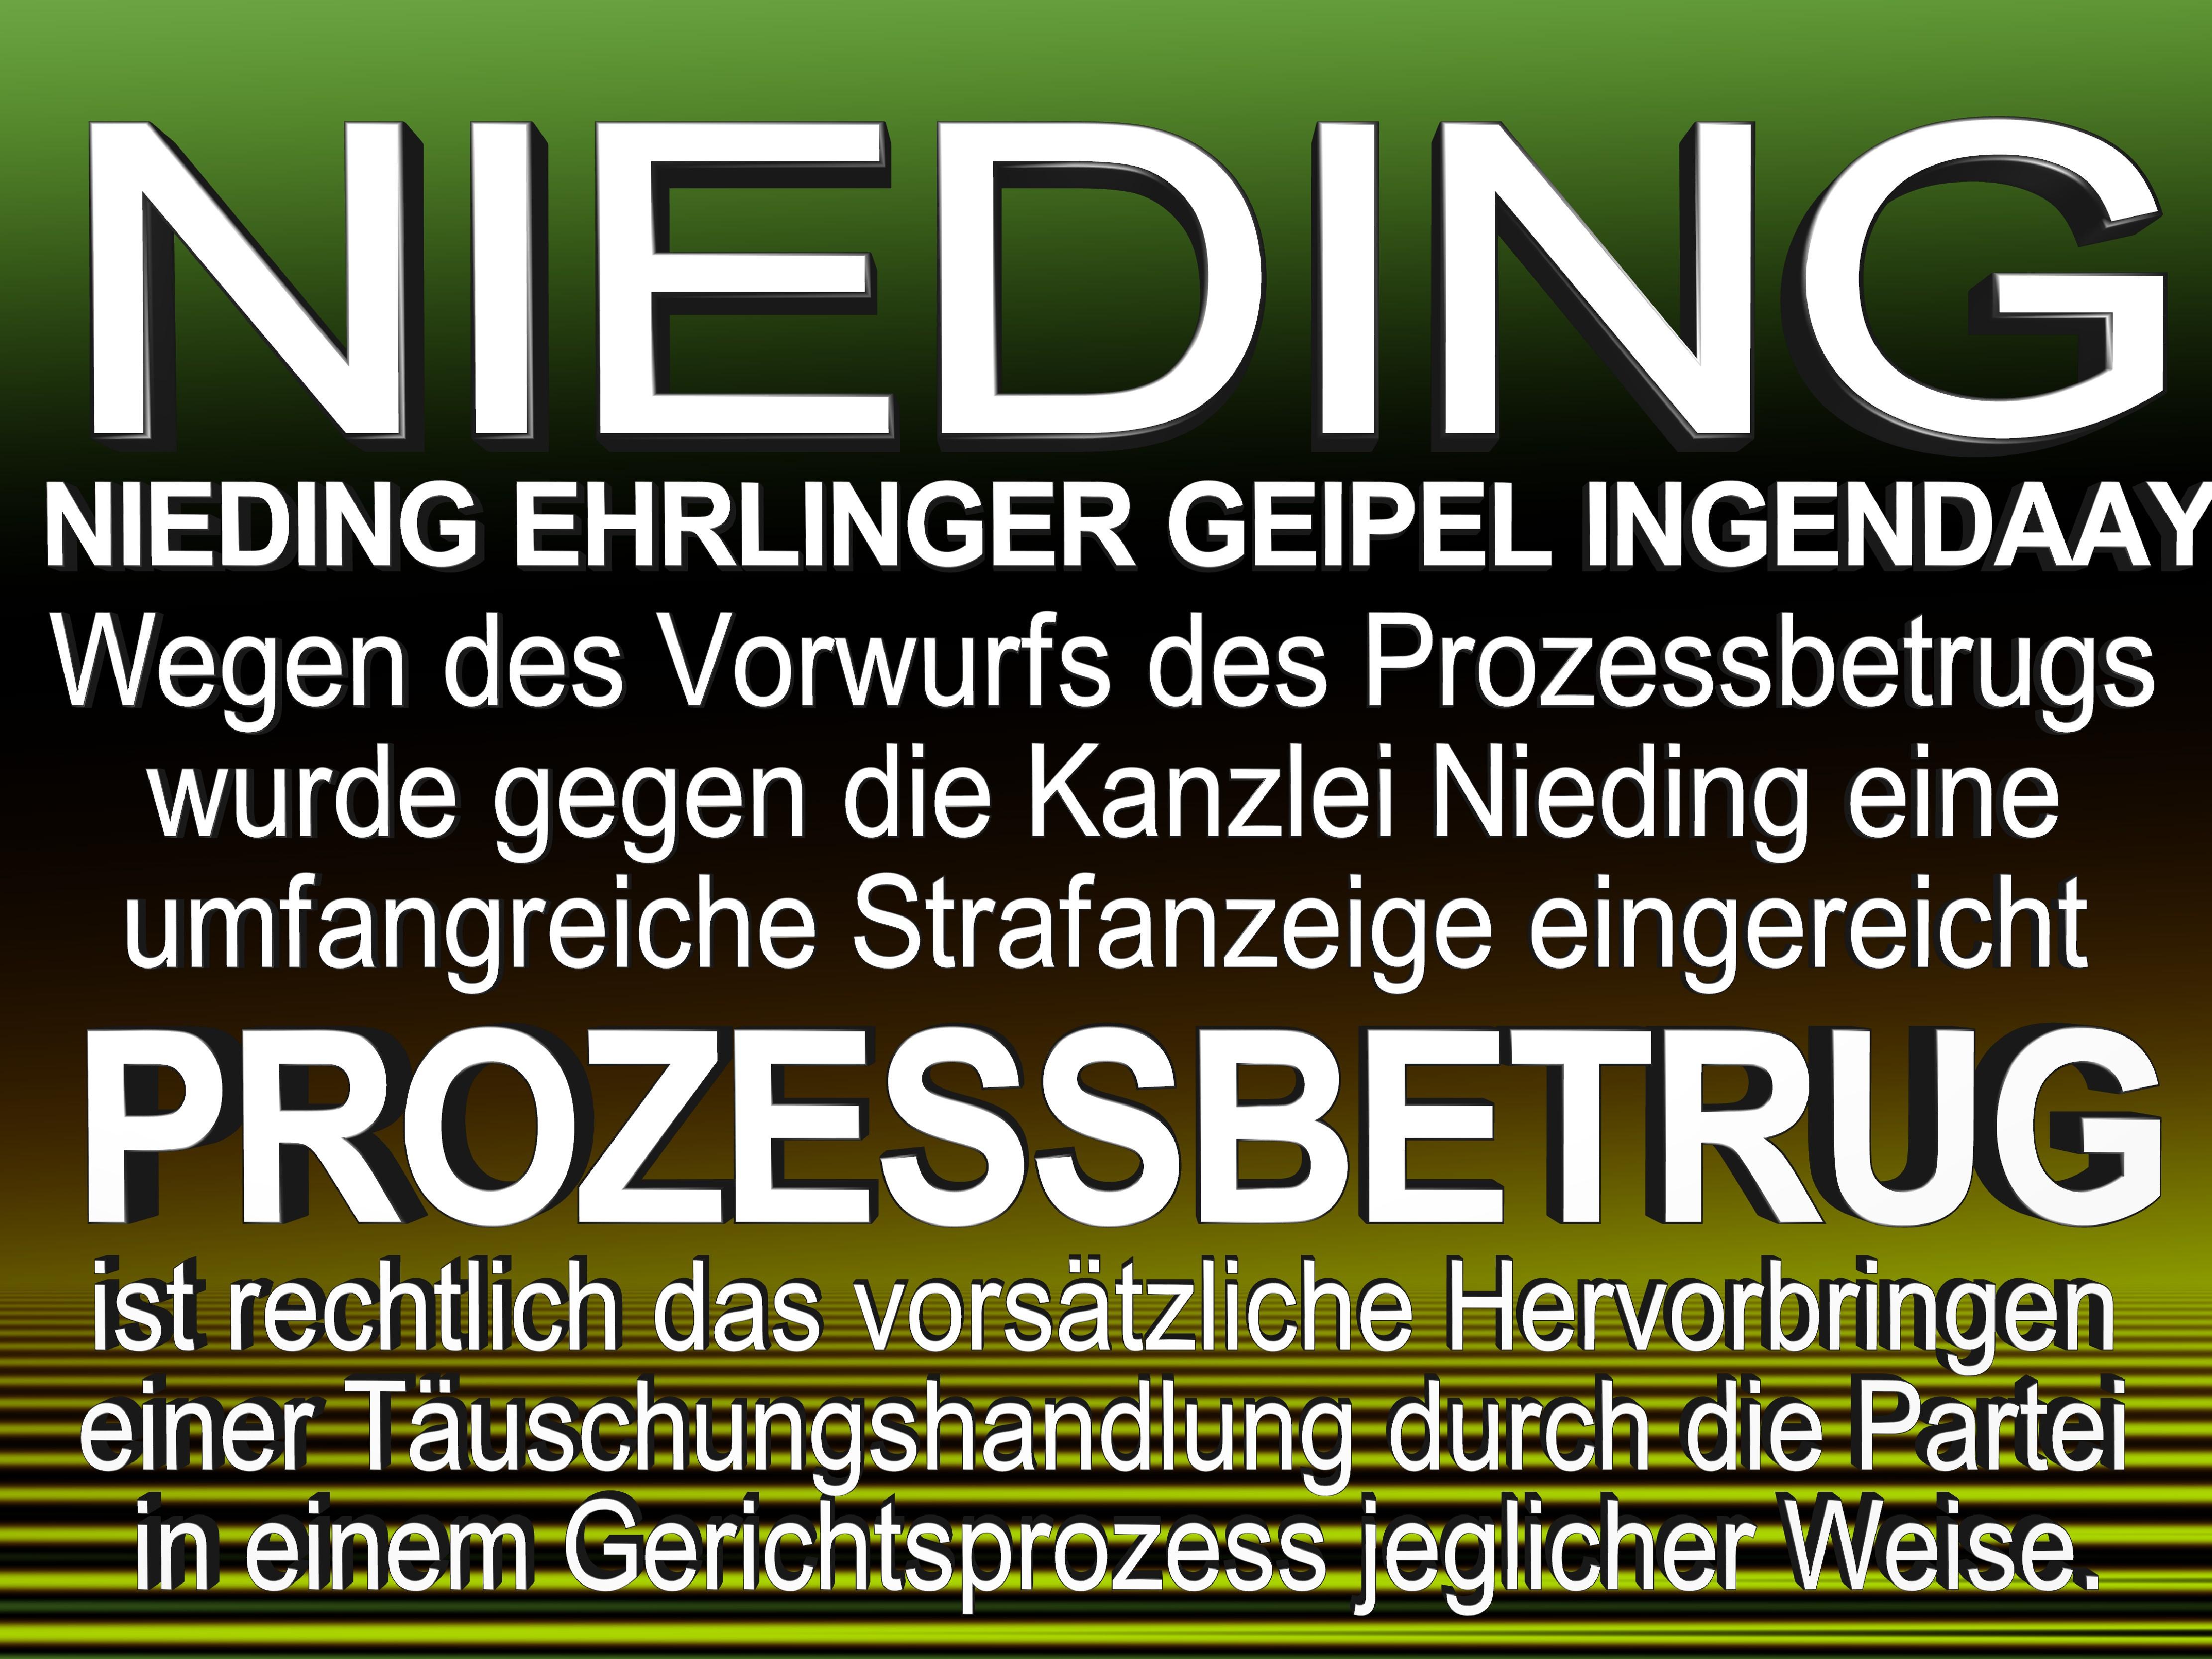 NIEDING EHRLINGER GEIPEL INGENDAAY LELKE Kurfürstendamm 66 Berlin (146)